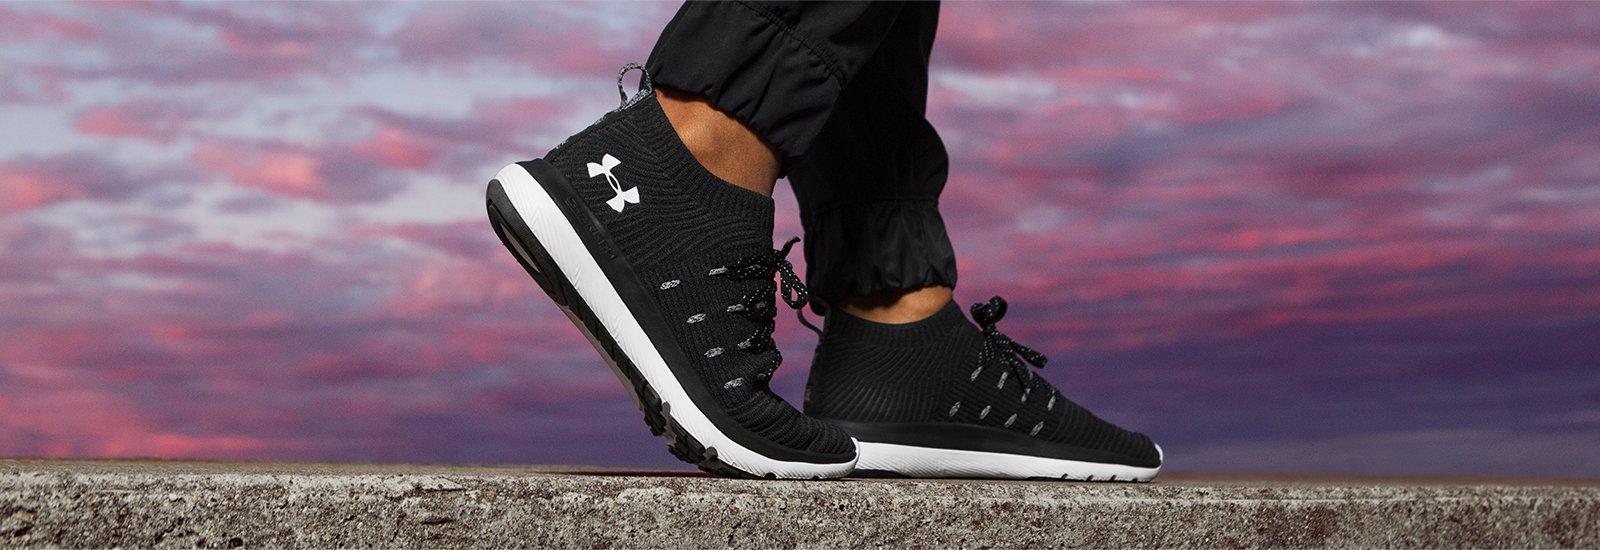 separation shoes 7e77d 02d8a Women's UA Slingflex Rise Running Shoes